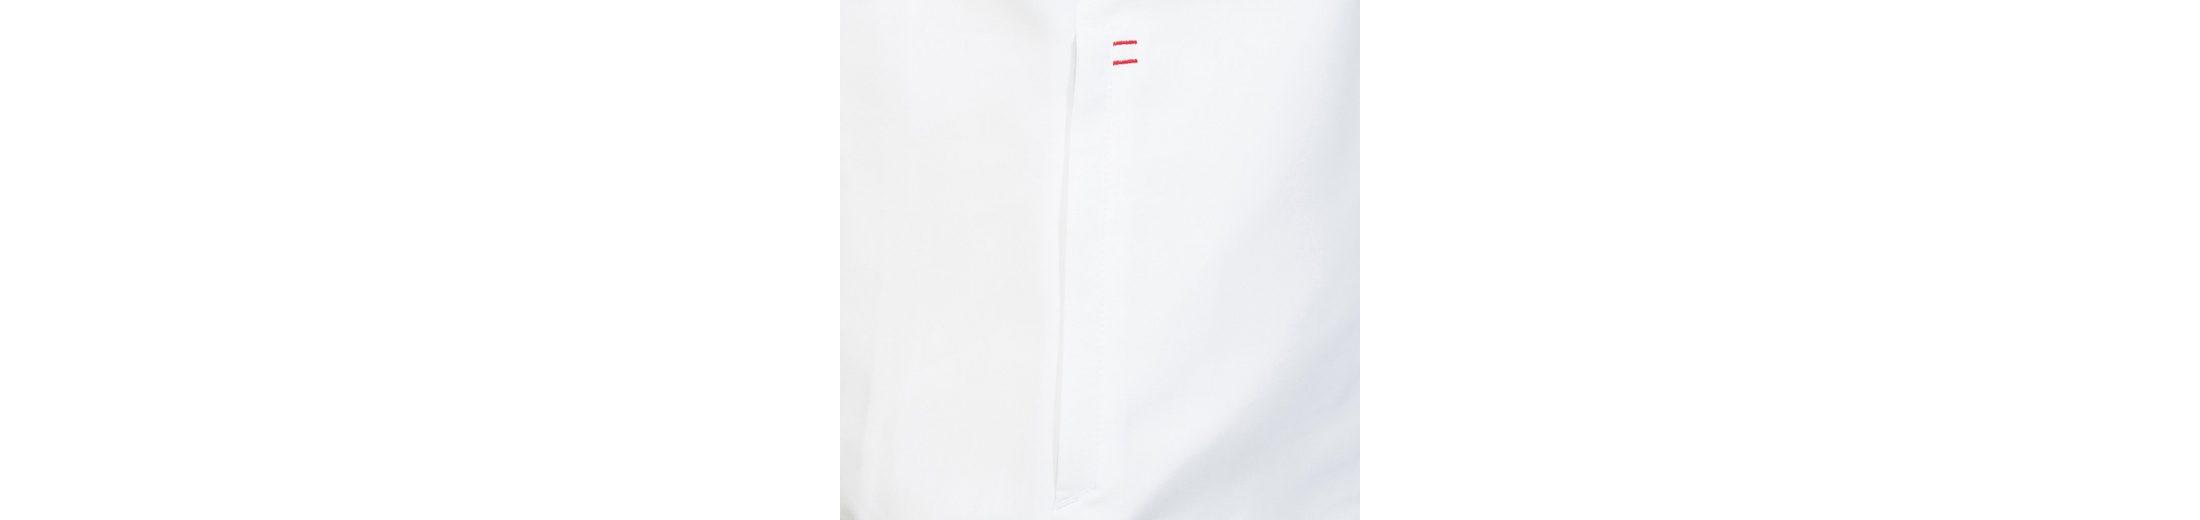 Wahl Günstig Online adidas Performance Kapuzenfleecejacke Fc Bayern München Freies Verschiffen Die Besten Preise Verkauf Truhe Finish XTNhp